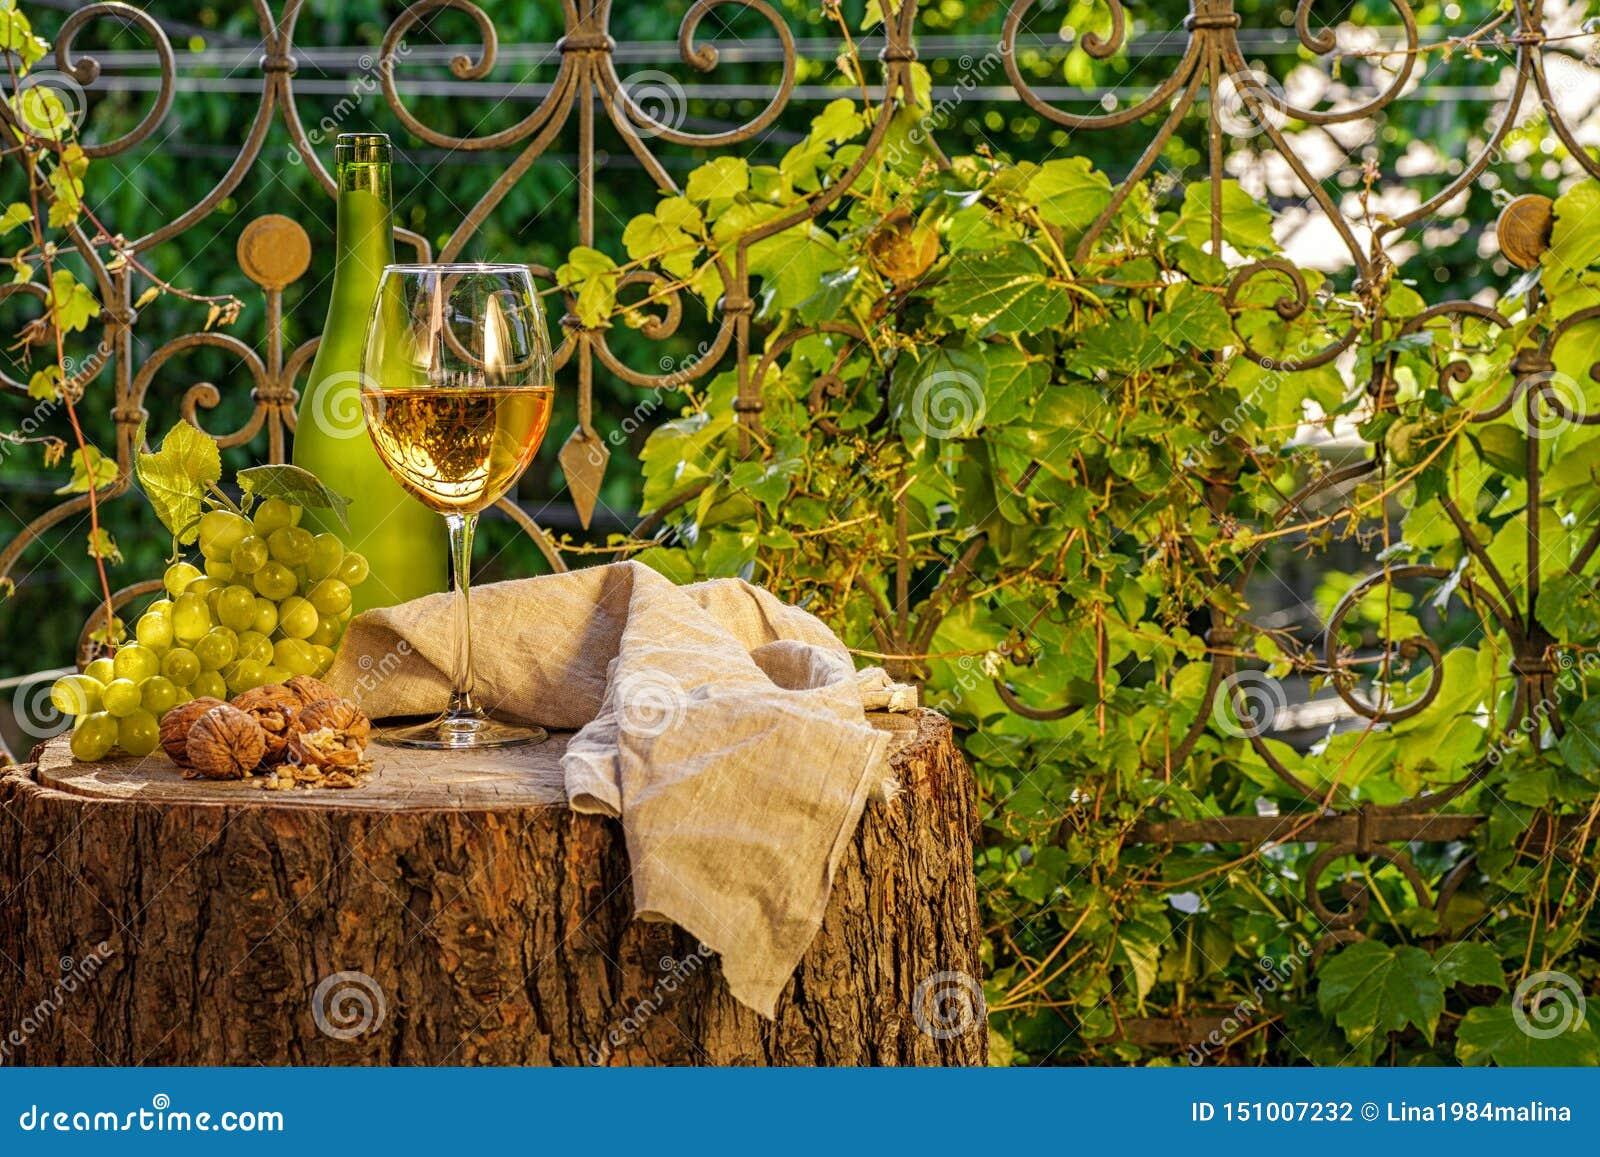 Bärnstensfärgat vin i exponeringsglaset